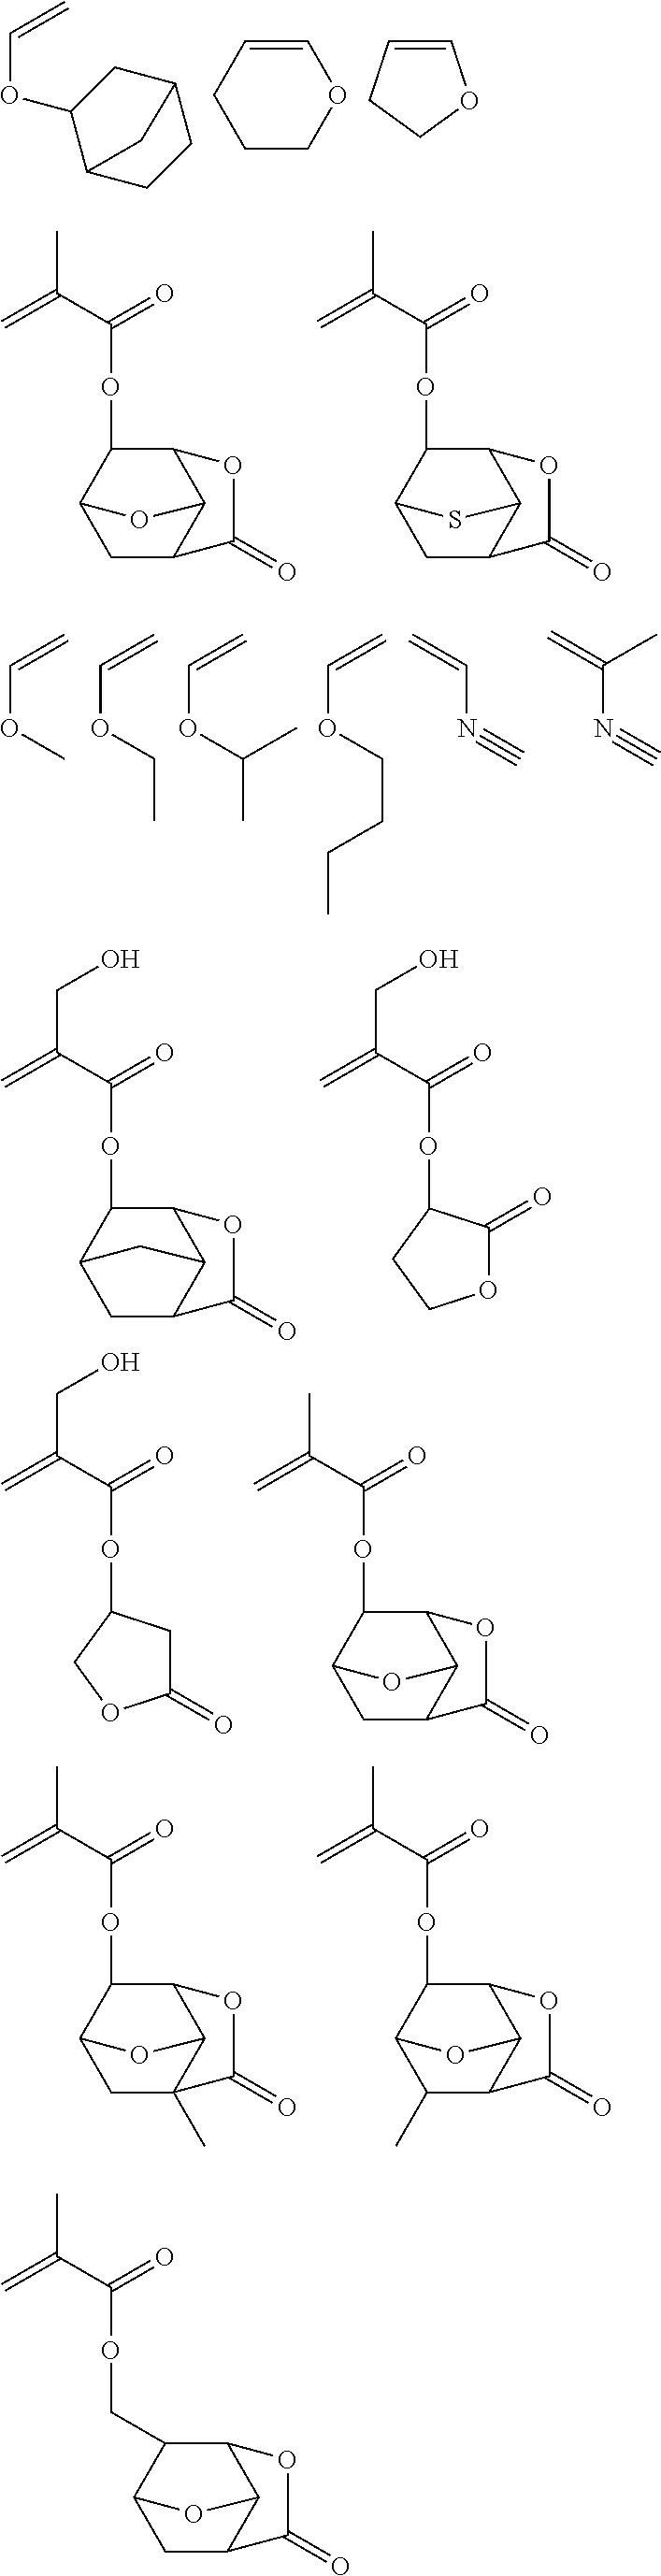 Figure US09017918-20150428-C00038